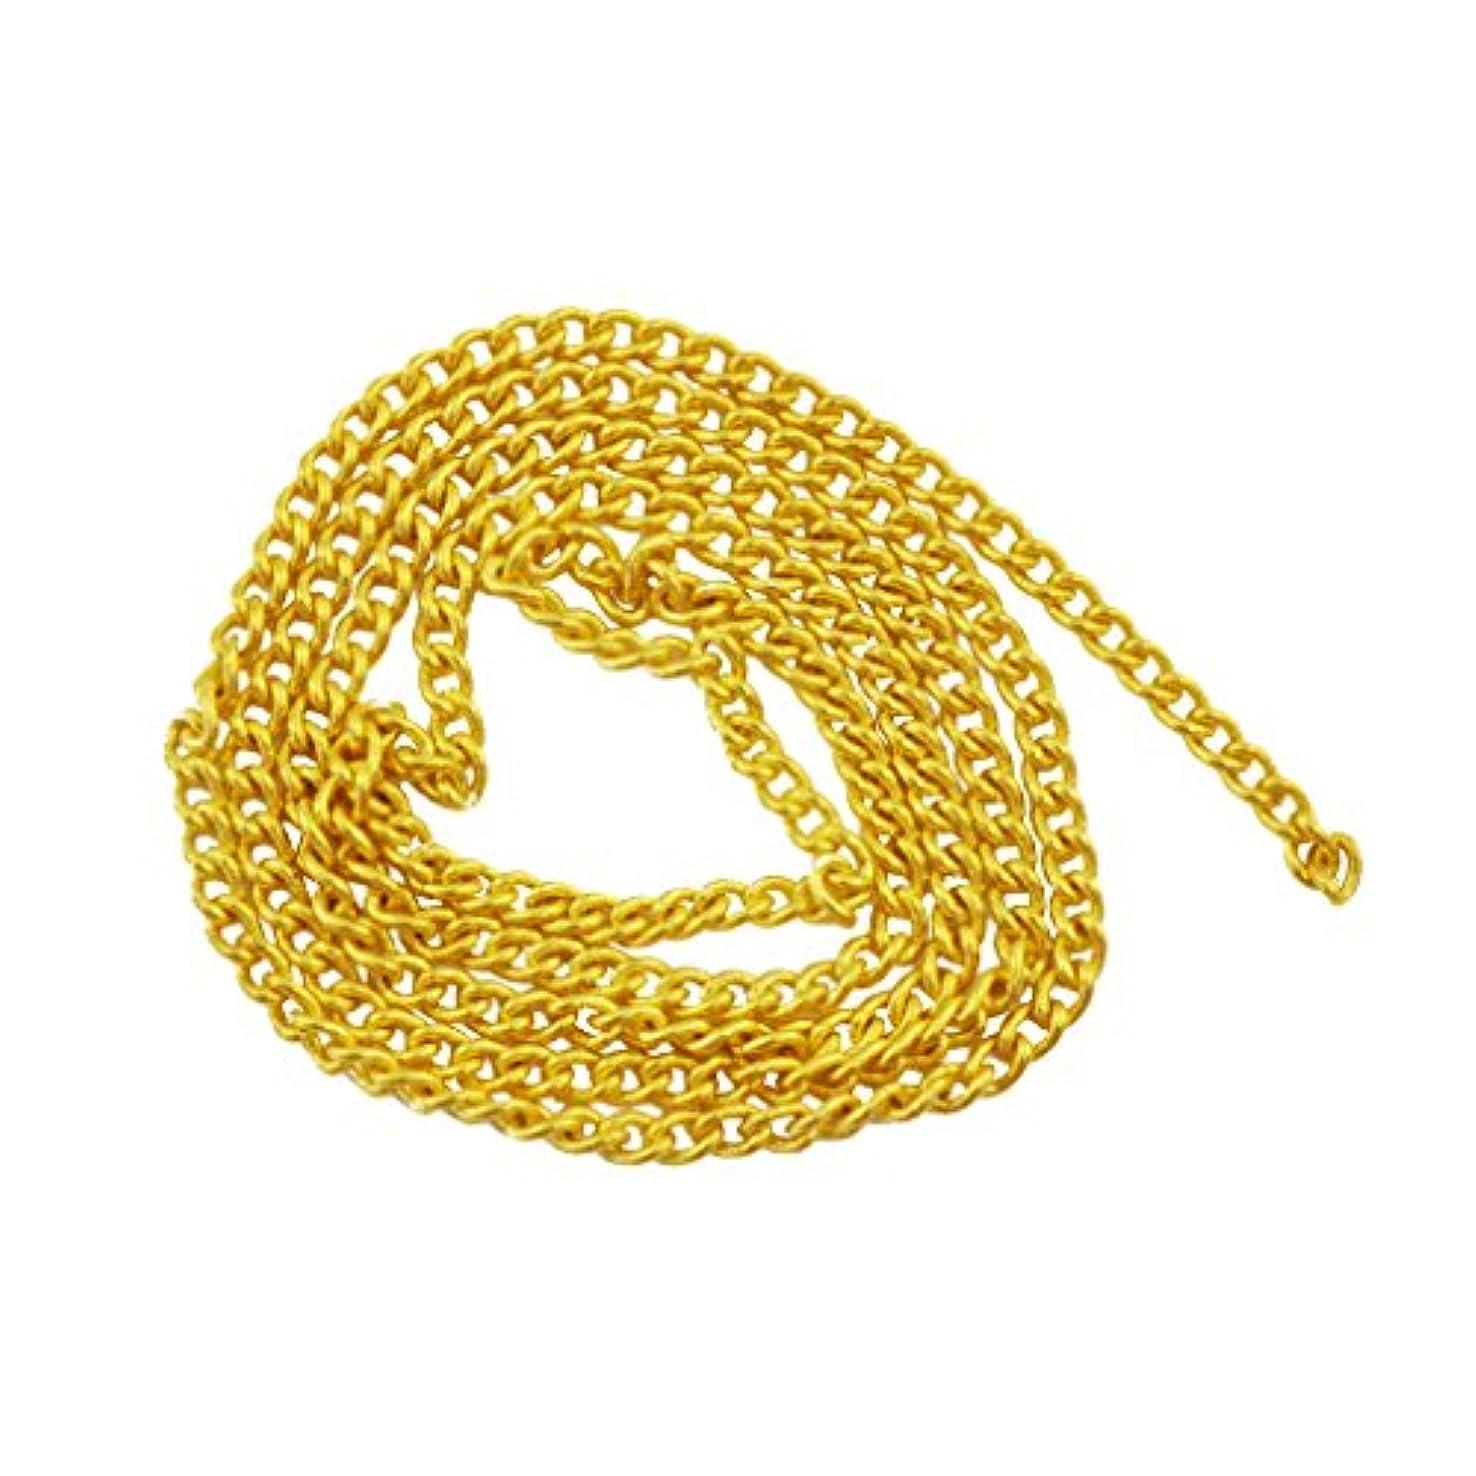 反映する前任者原油ネイルパーツ ネイルチェーン 20cm ゴールド 金 デコパーツ